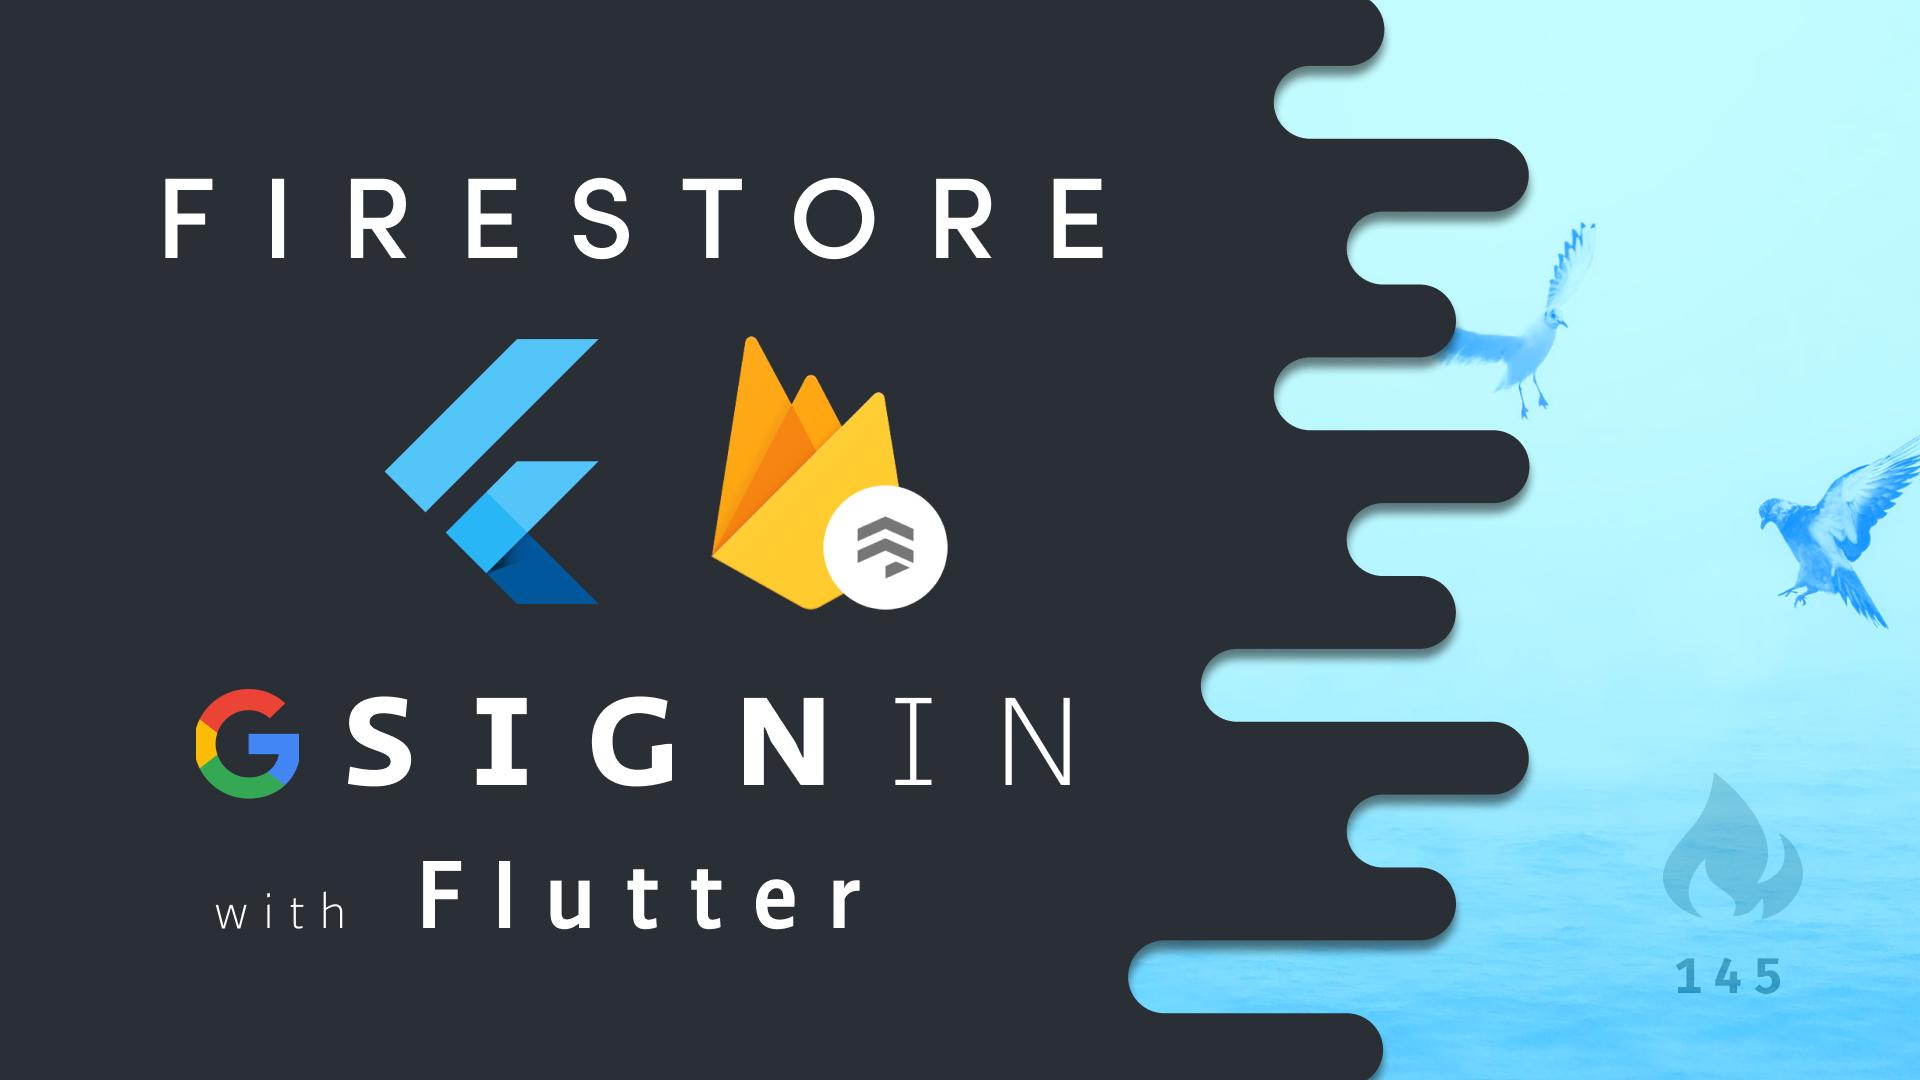 Flutter Firebase Google SignIn + Firestore